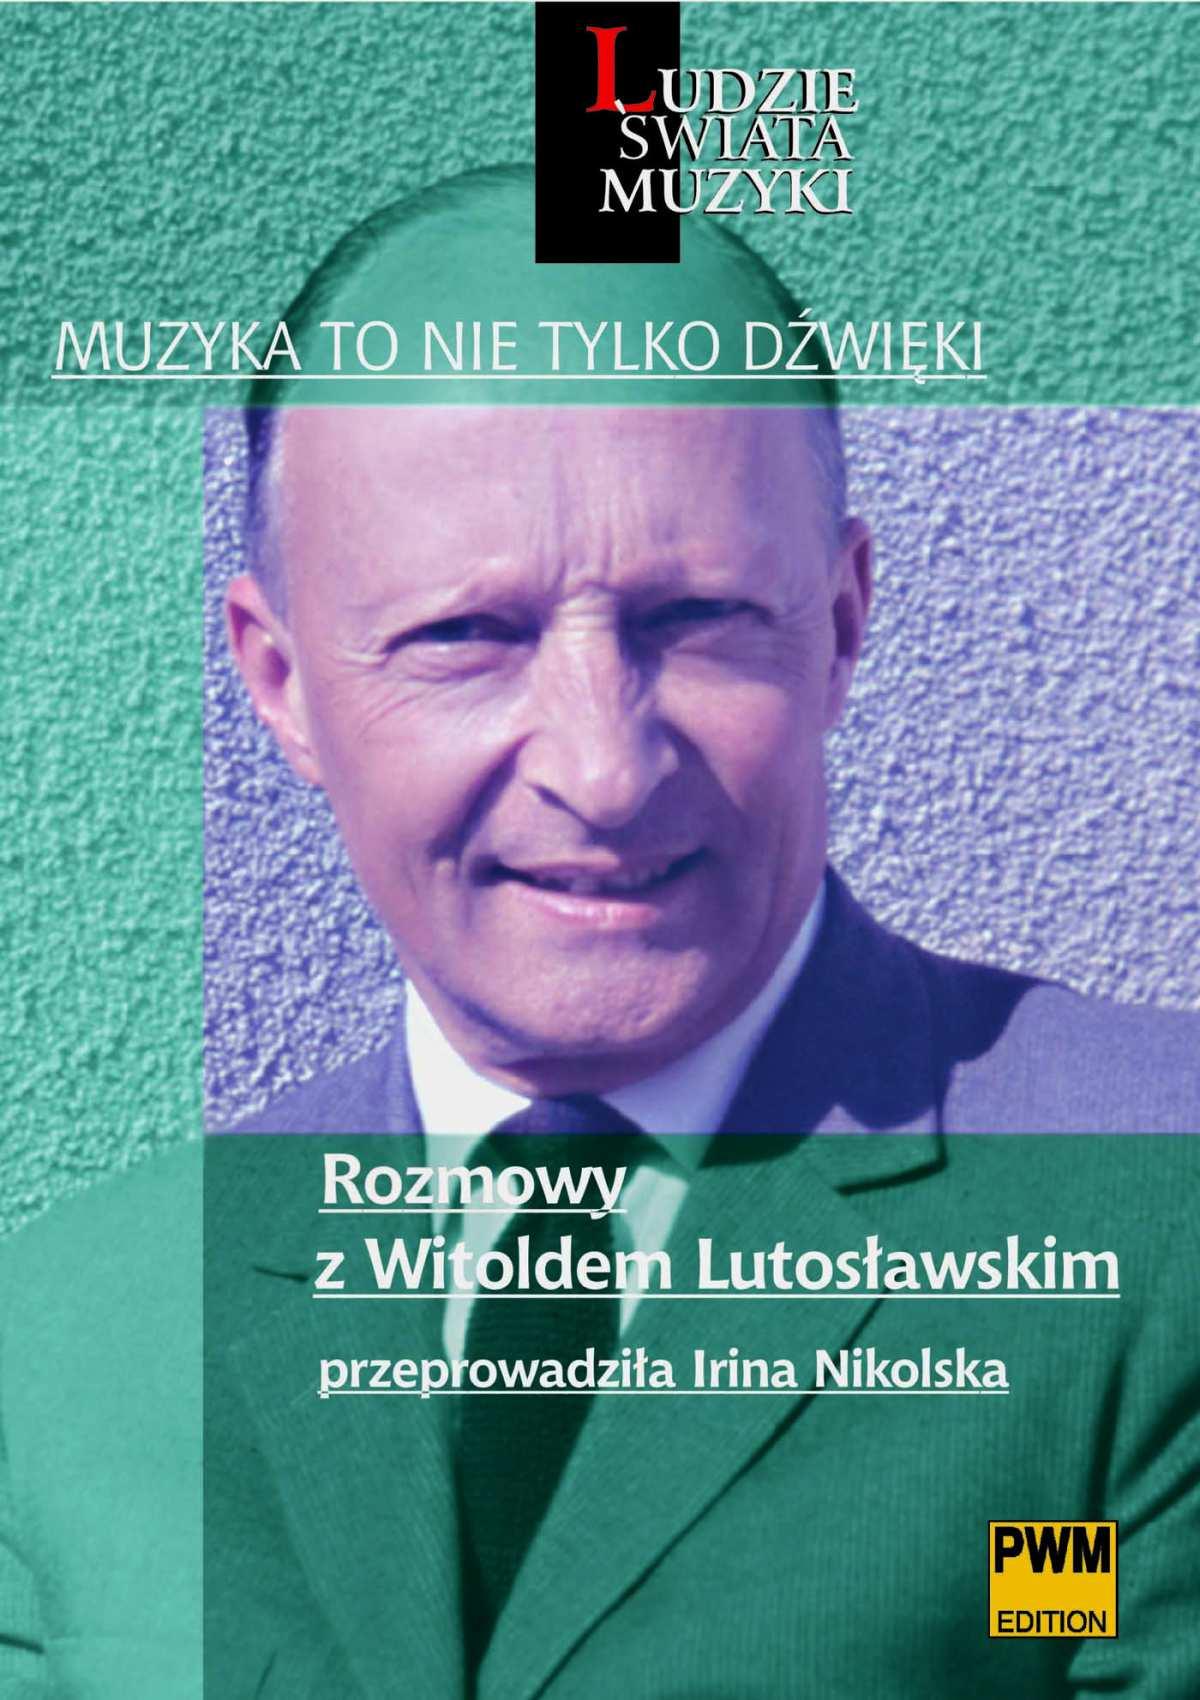 Muzyka to nie tylko dźwięki. Rozmowy z Witoldem Lutosławskim - Ebook (Książka na Kindle) do pobrania w formacie MOBI